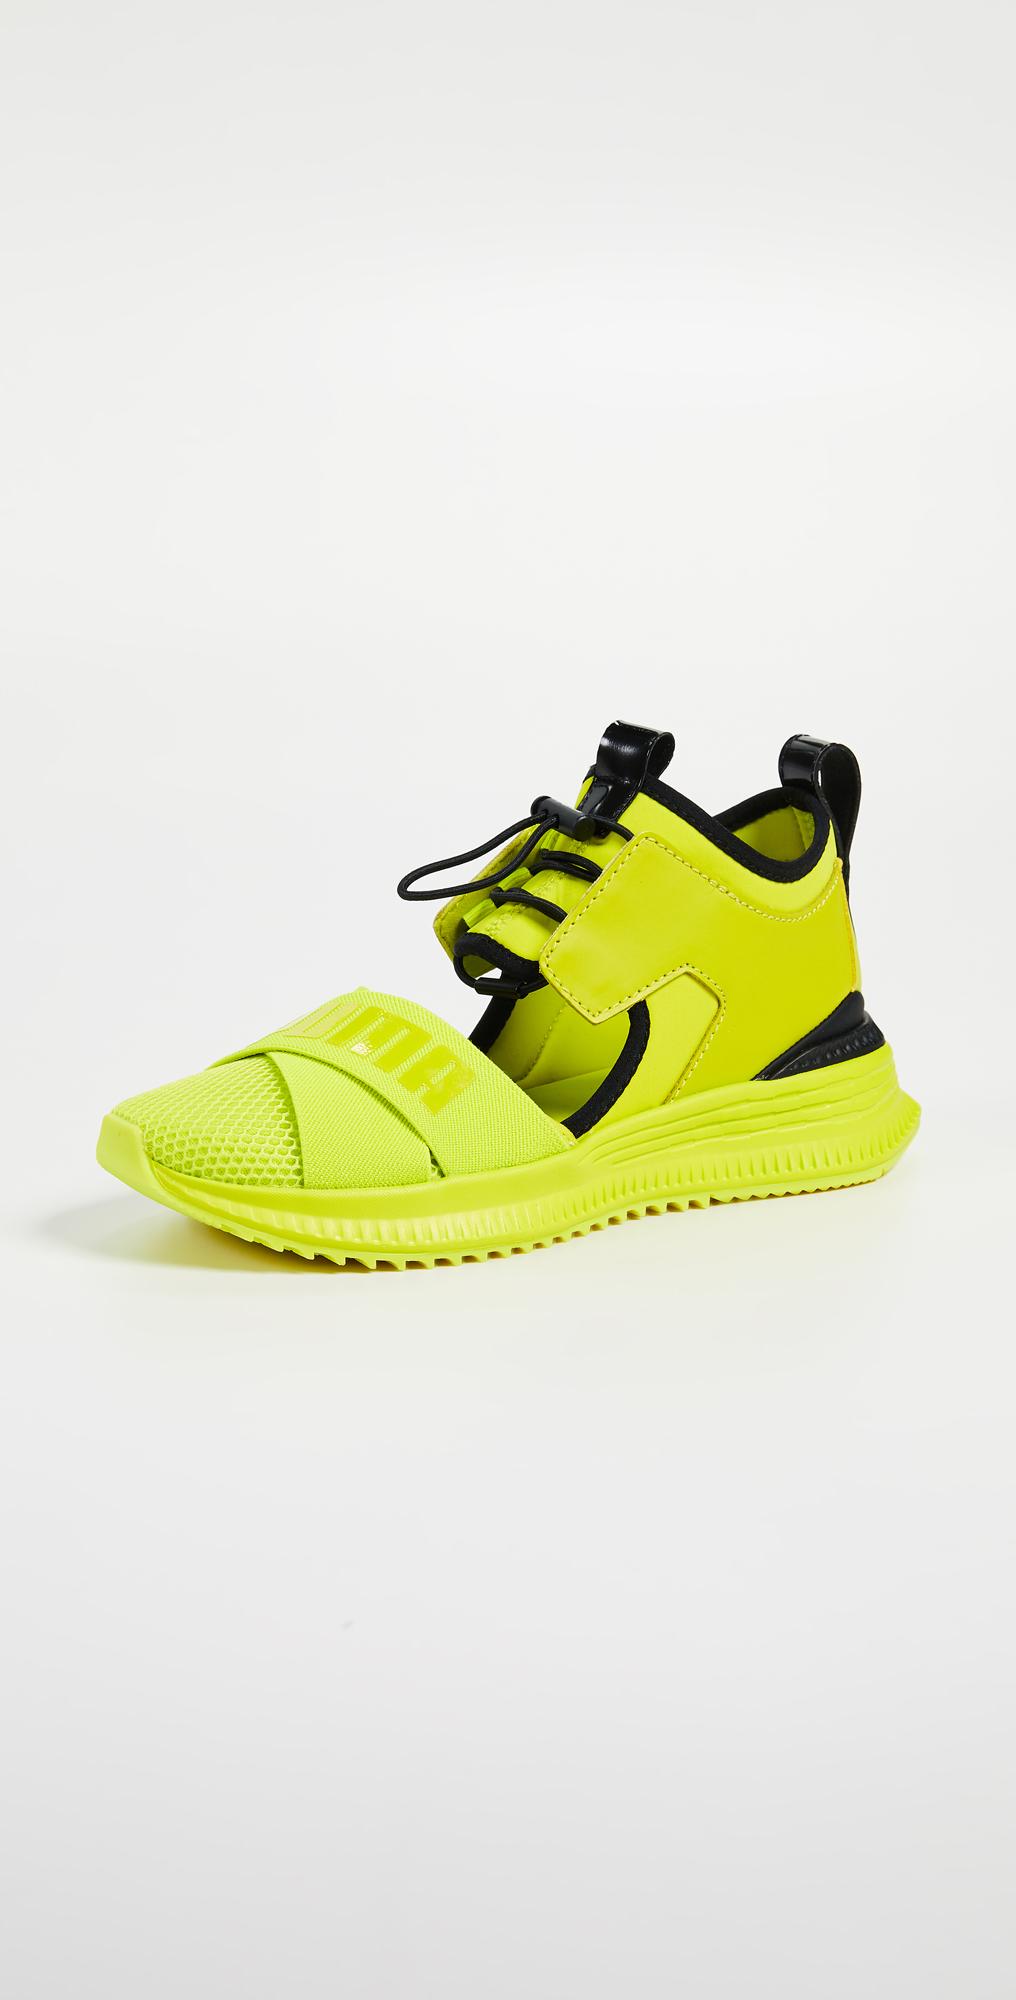 puma women's x fenty avid sneakers